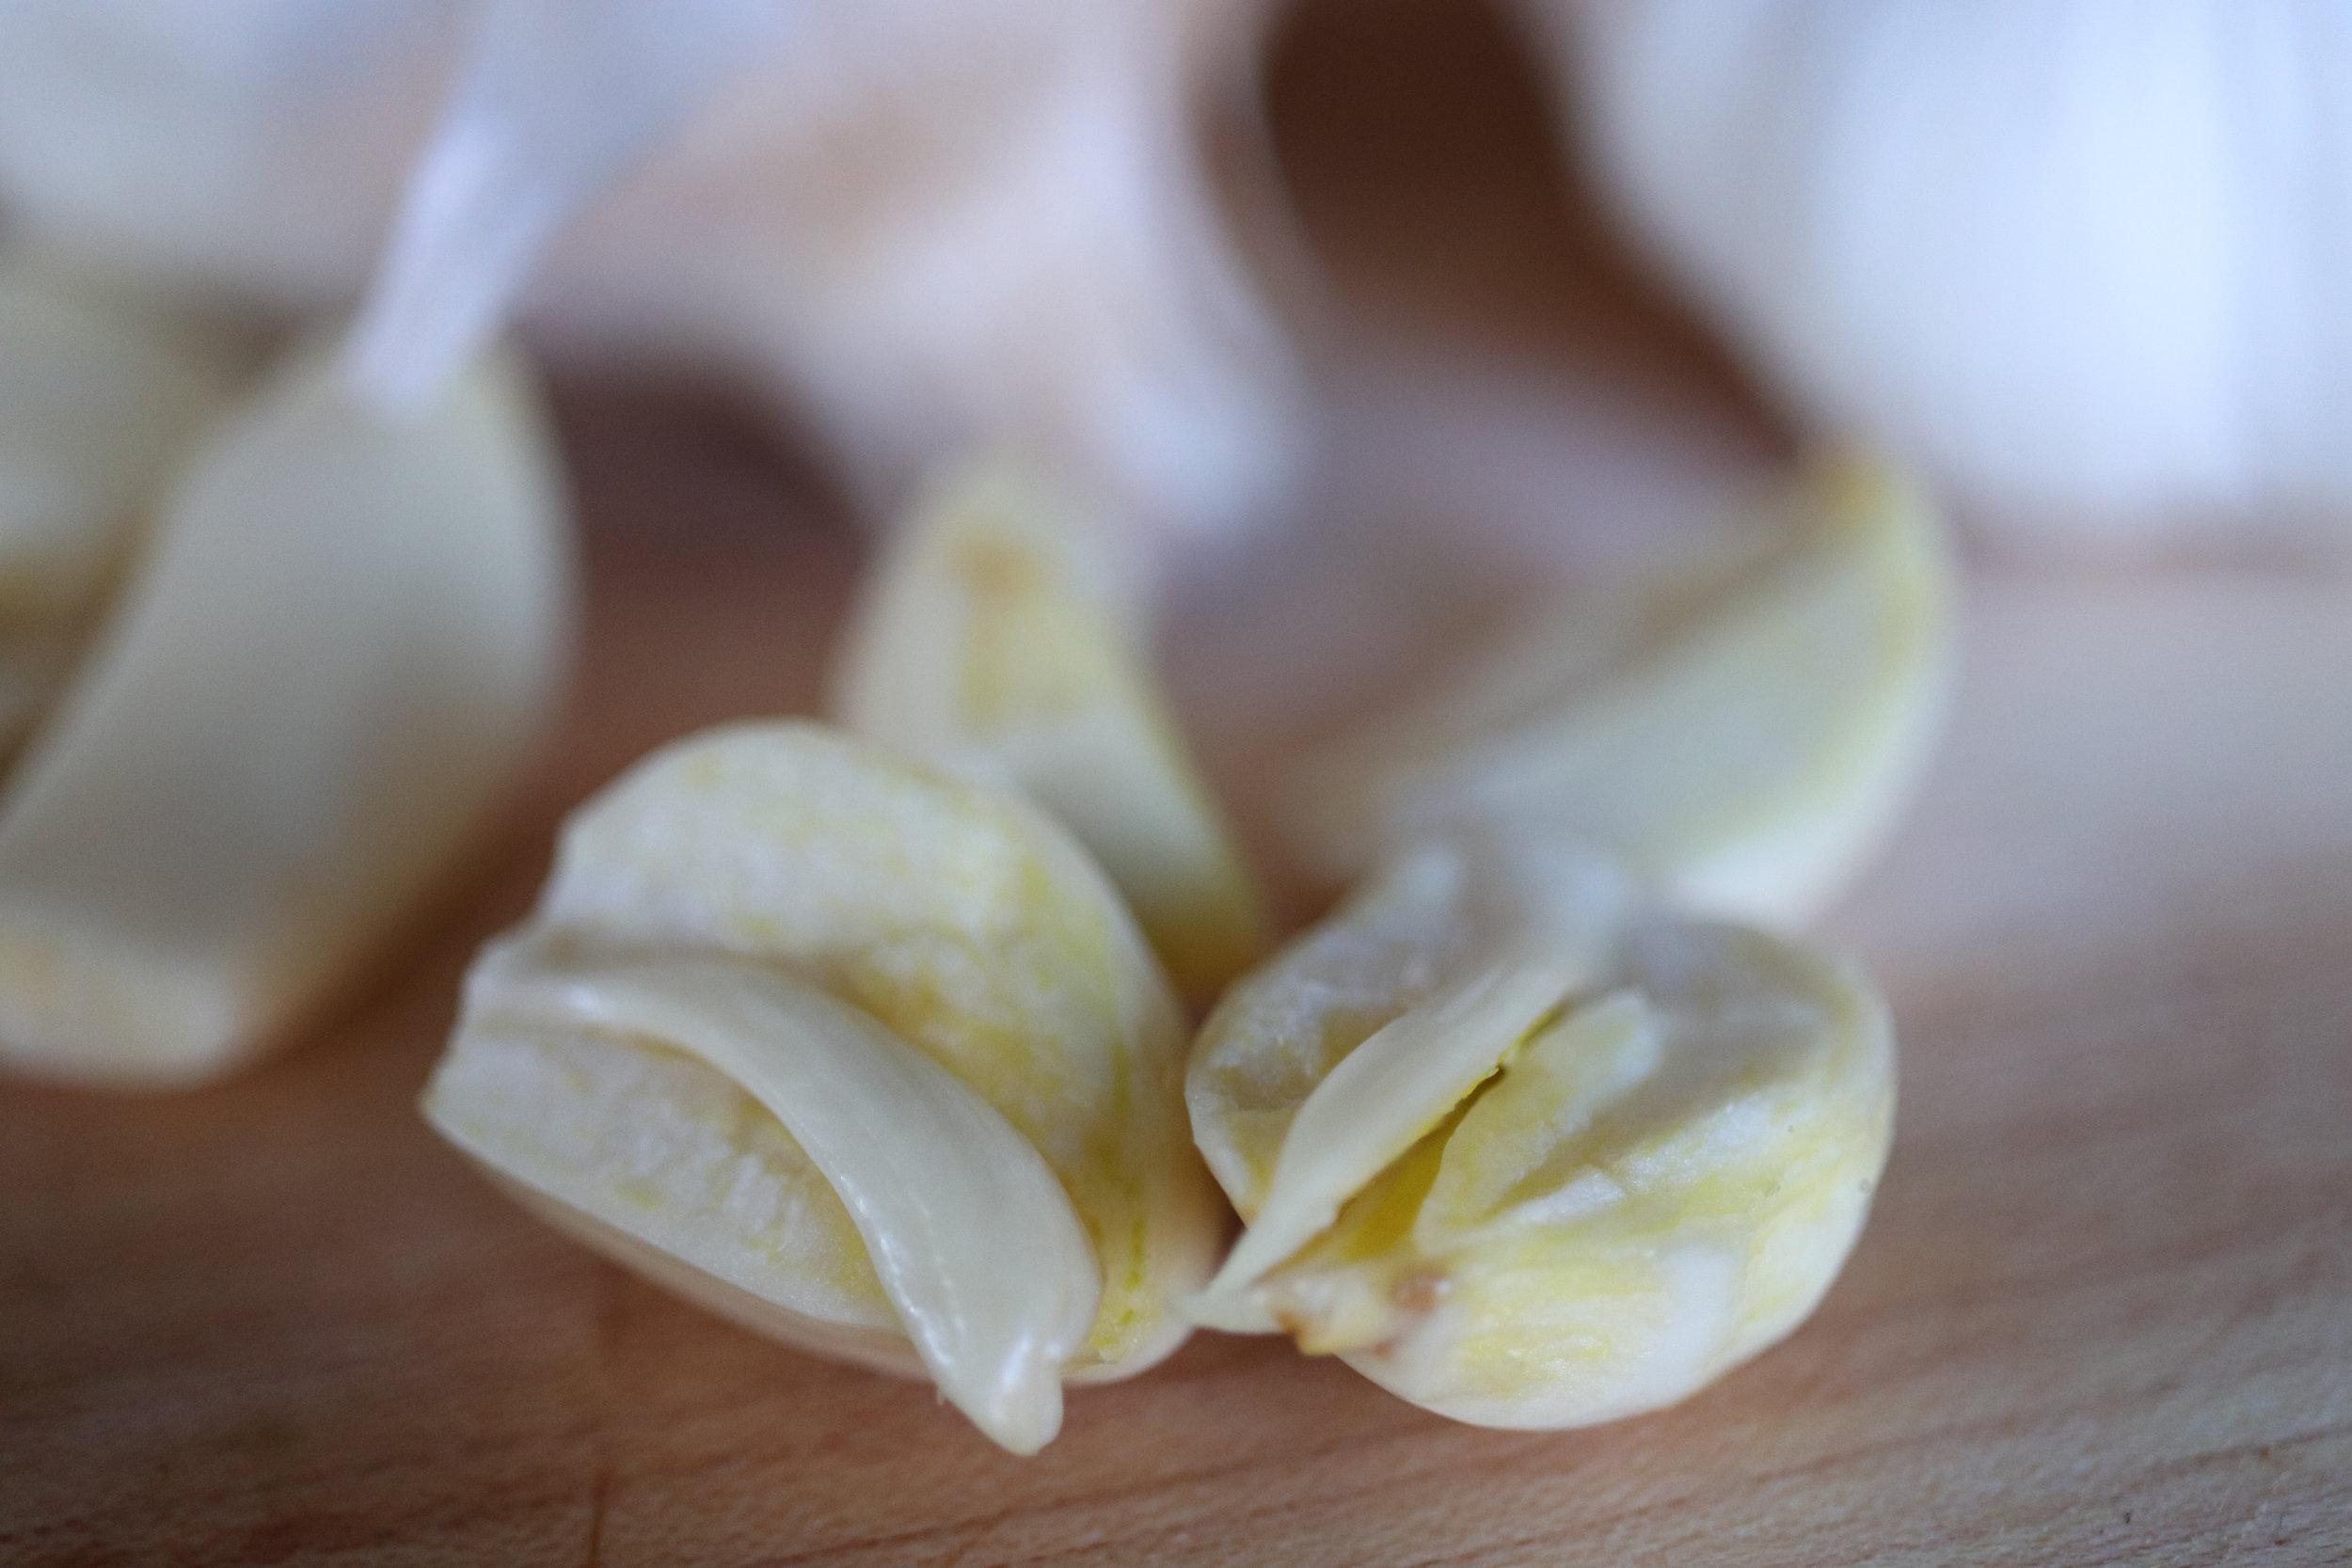 Large garlic root